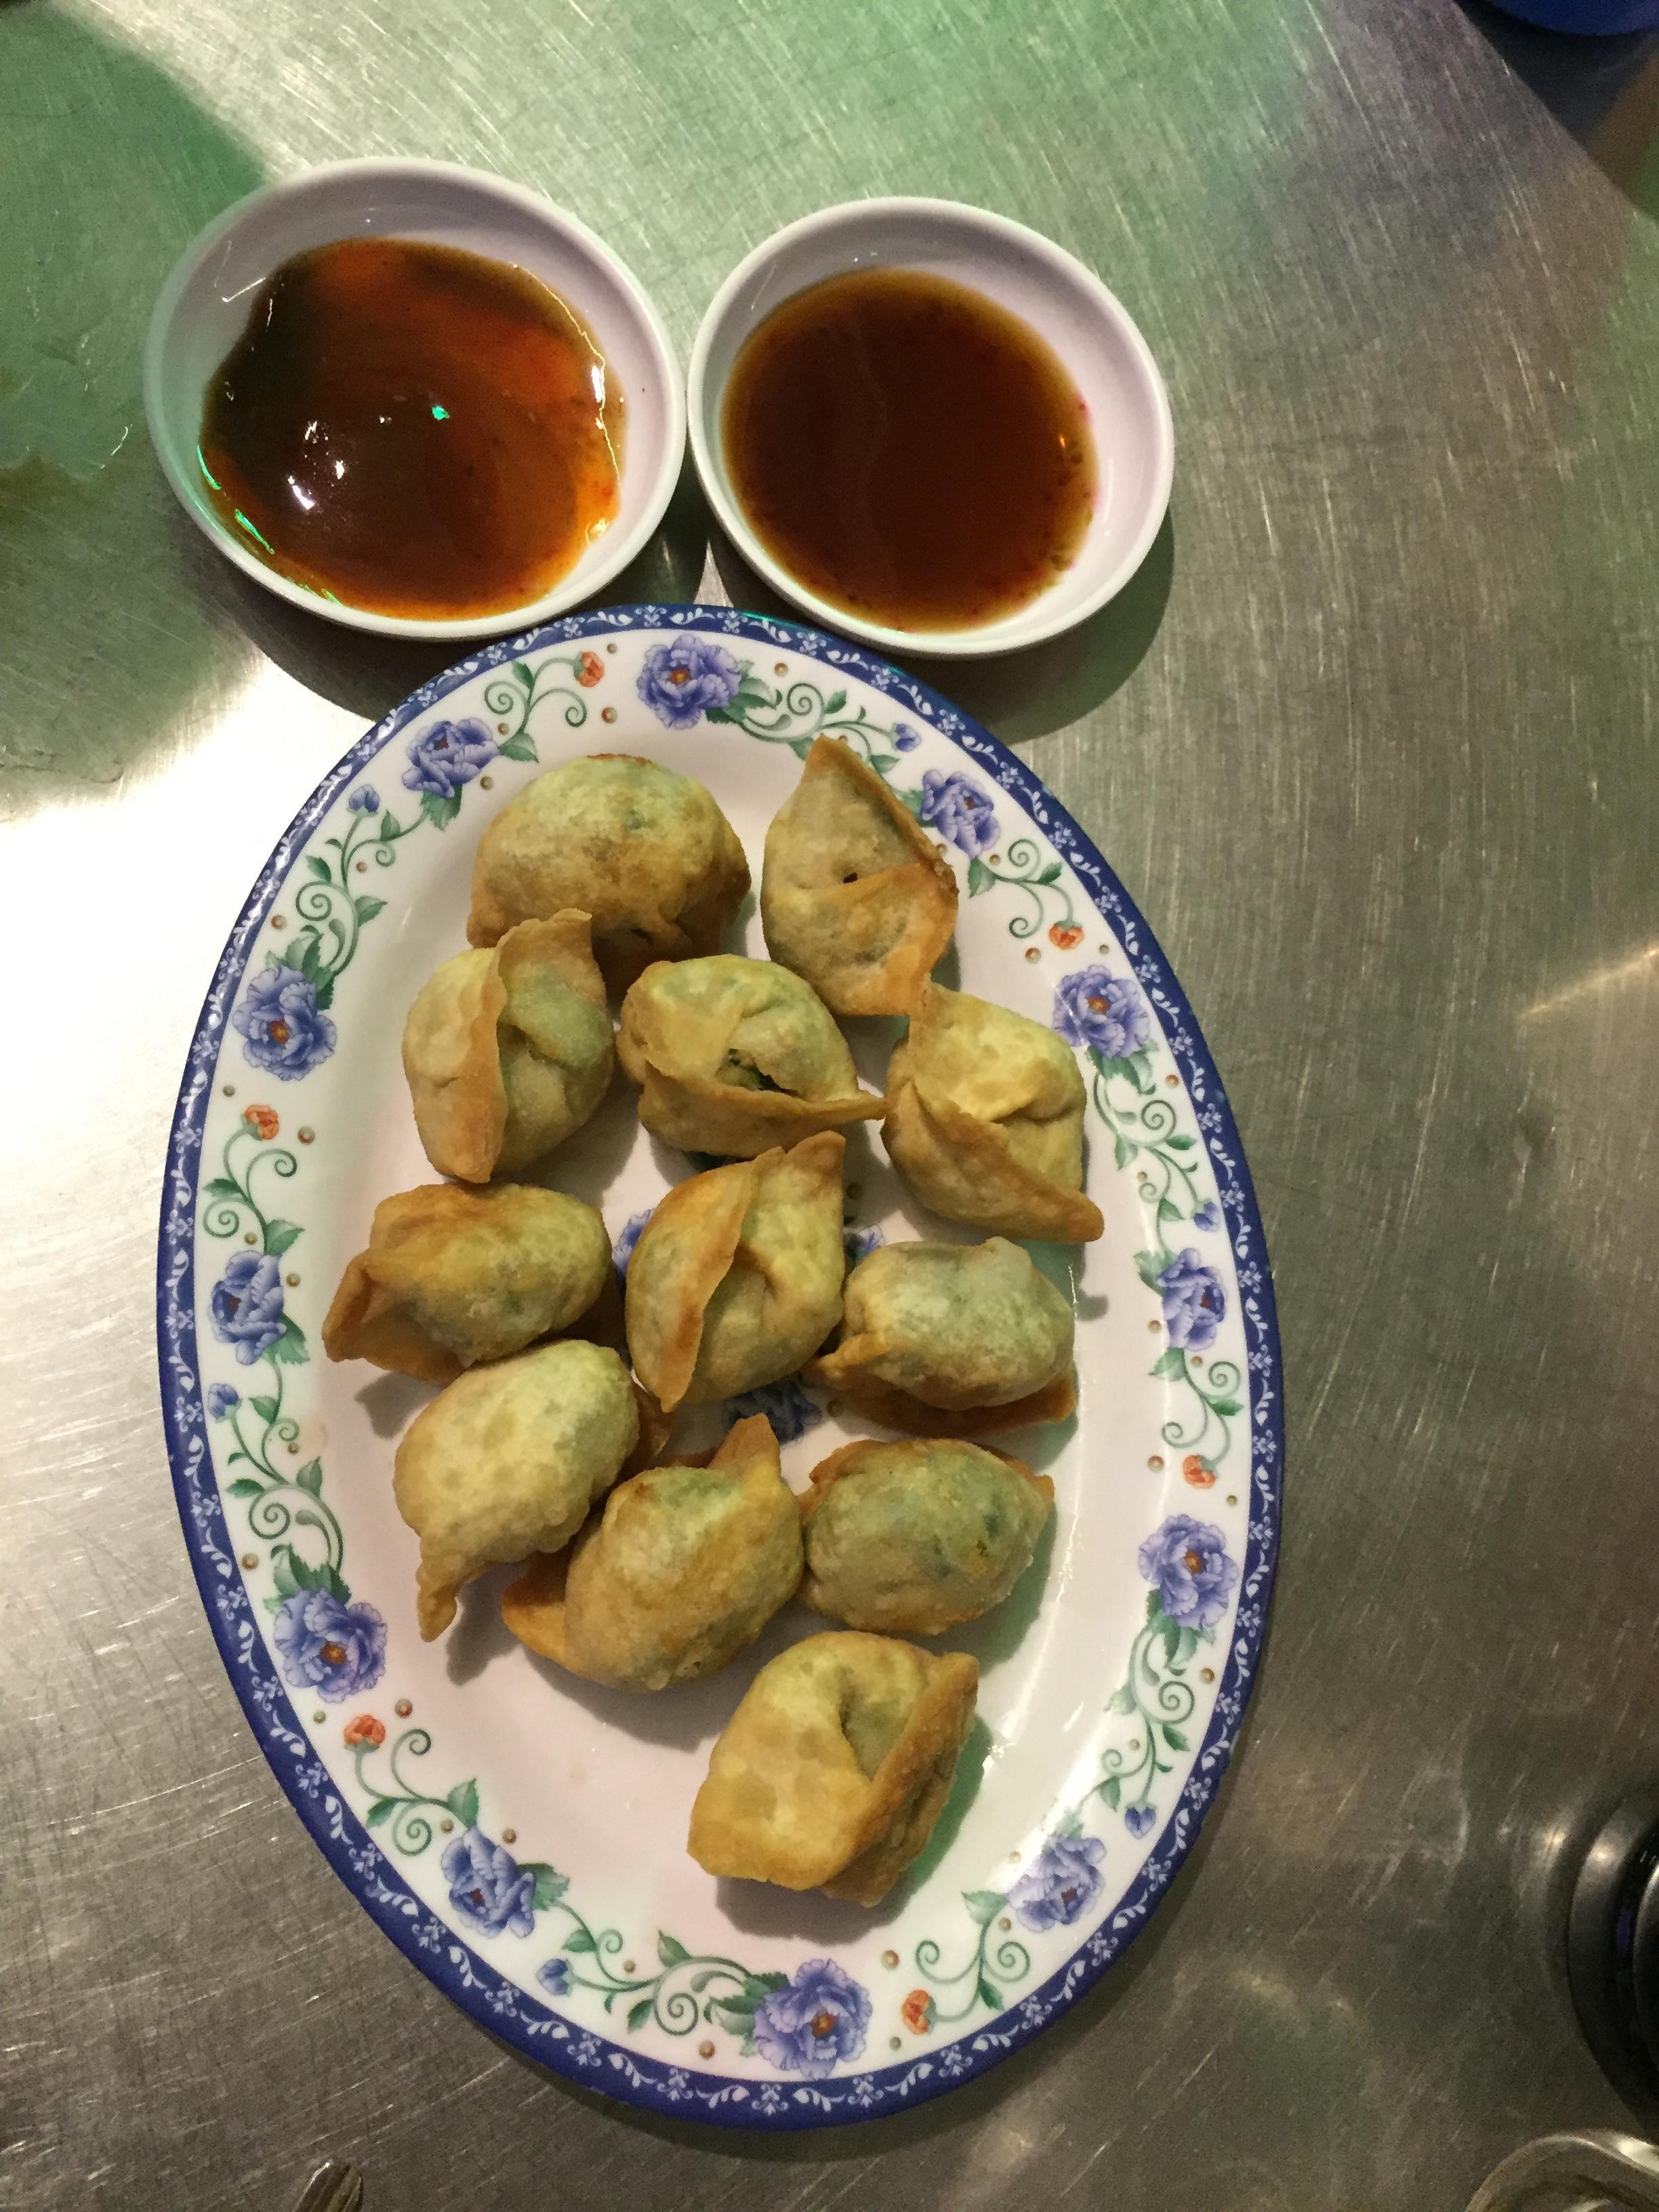 Les dumplings fris, accompagnés d'une sauce soja-chili